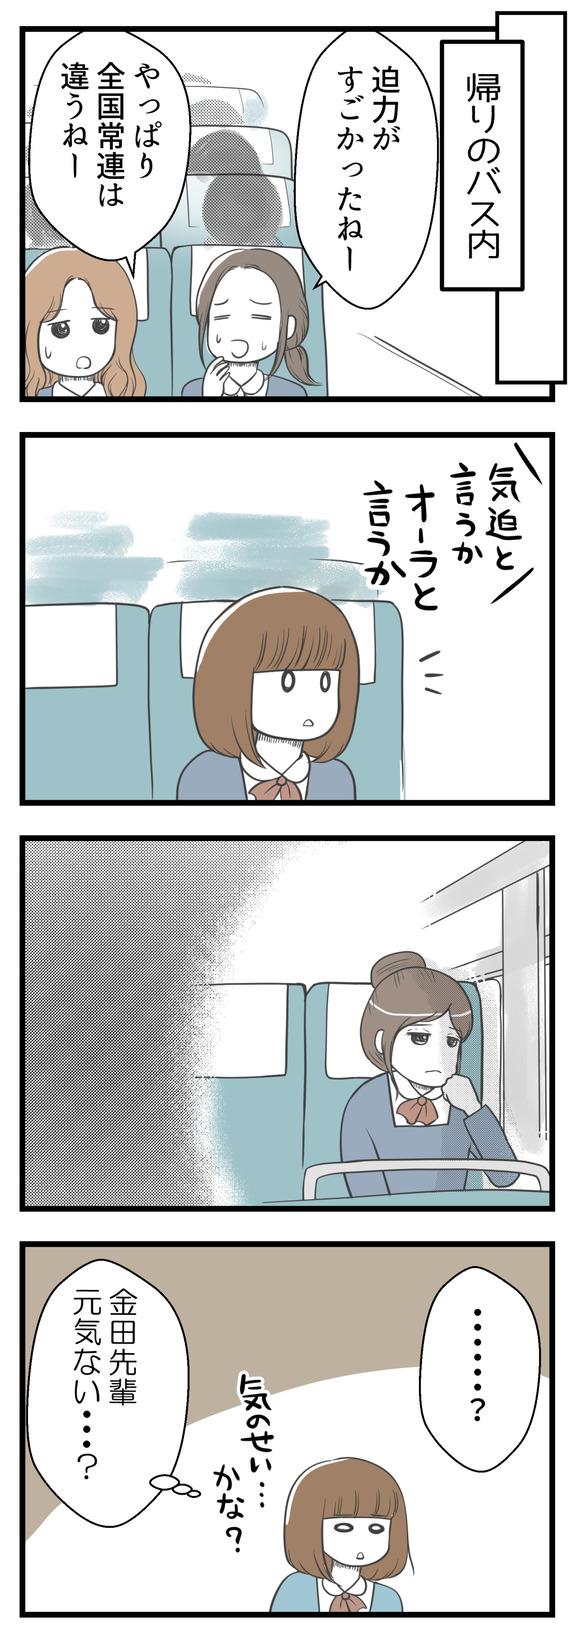 その練習量と技術に圧倒された帰りのバス内、金田先輩の様子が違うことに気づきました。